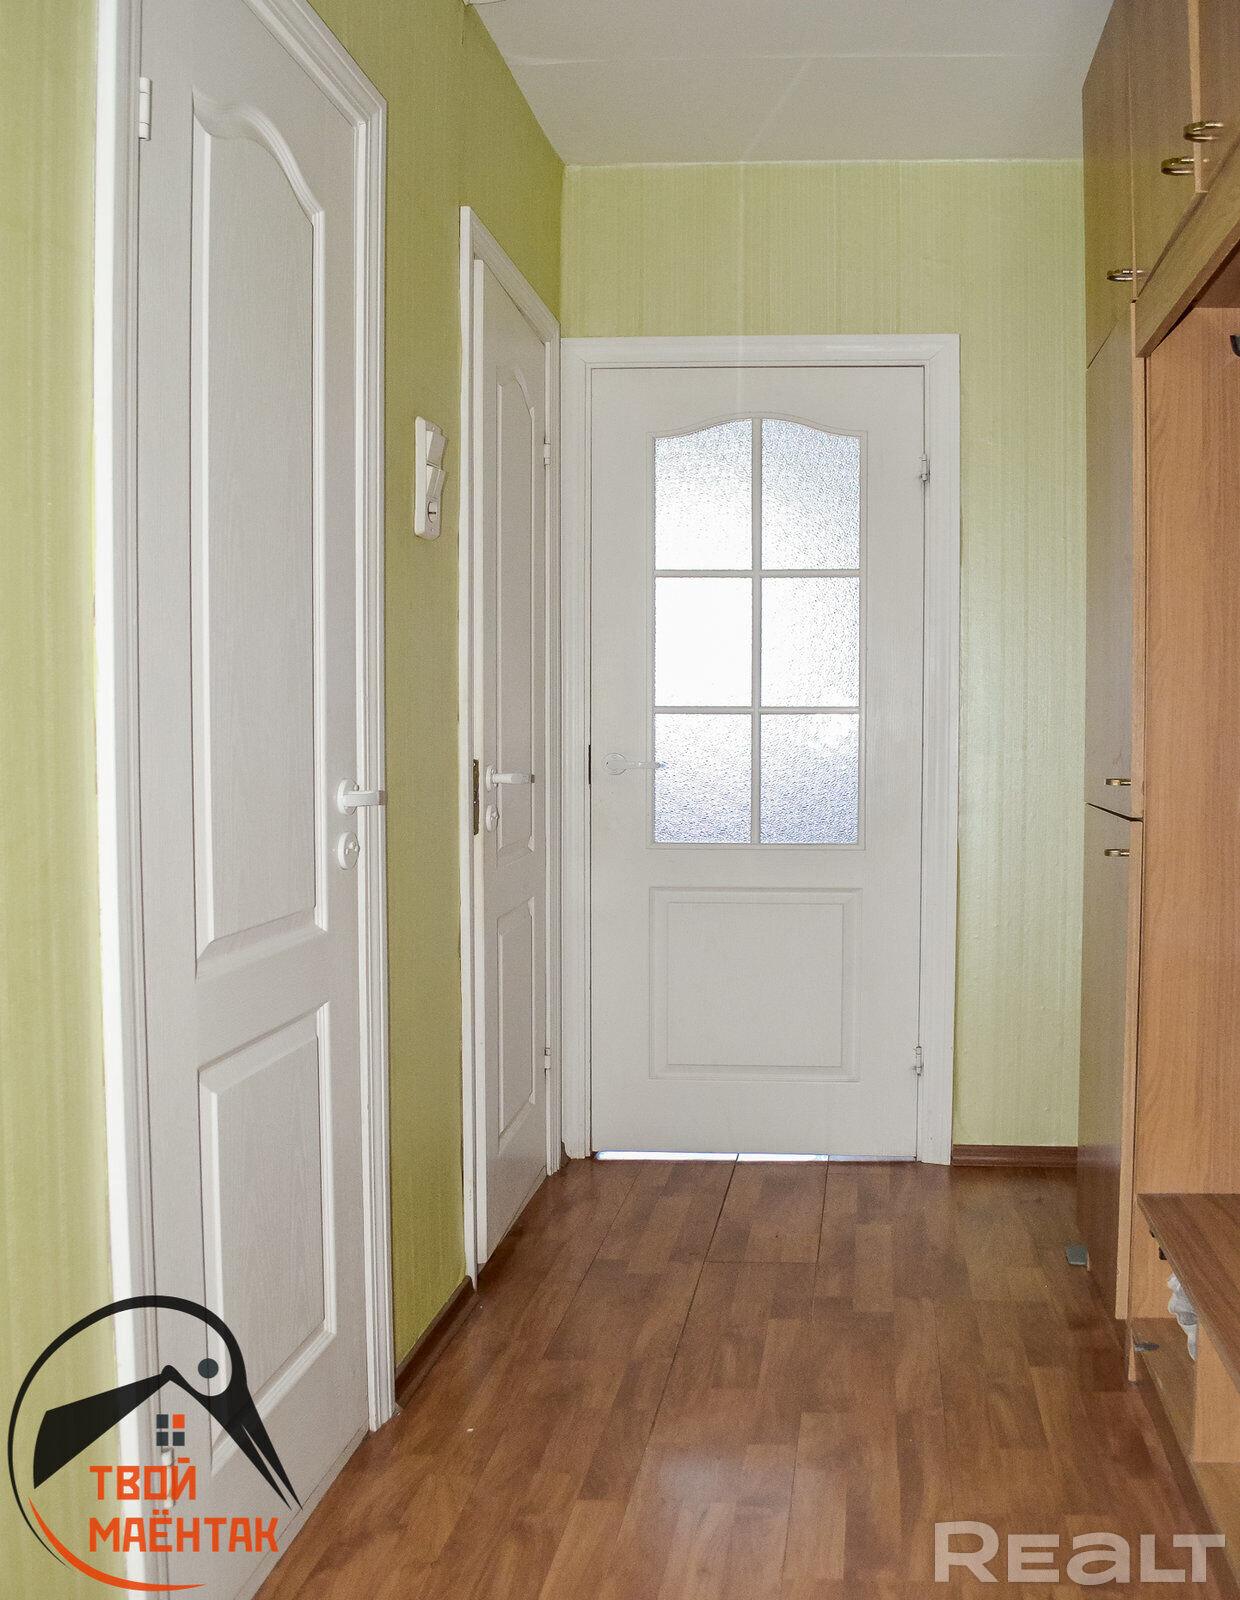 Продается 1 комнатная квартира, ул. Лучины д.46 - фото №16